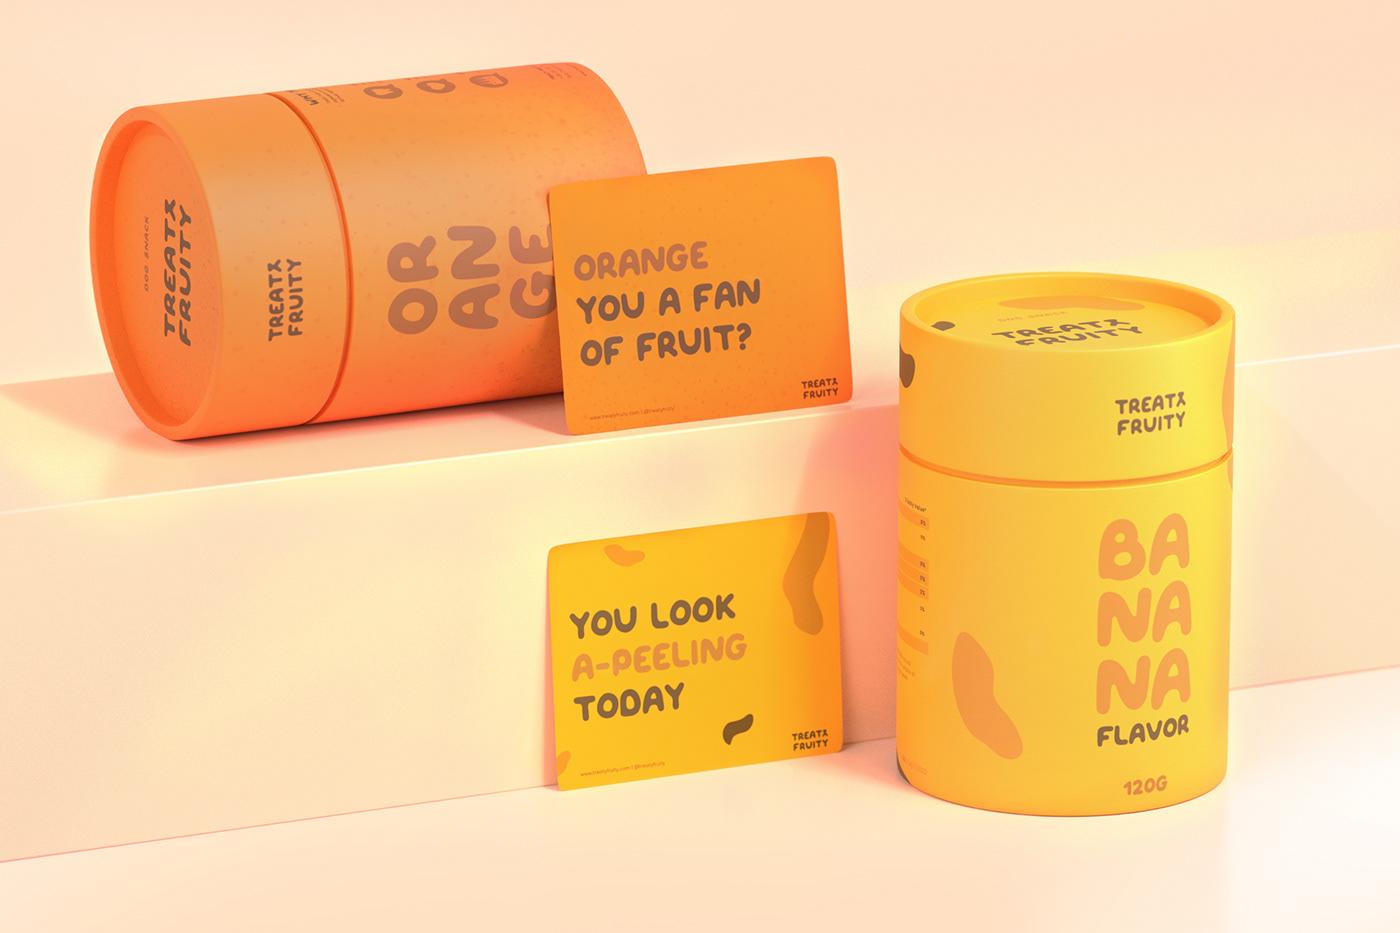 animal brand branding  dog Food  Fruit logo organic Packaging snack